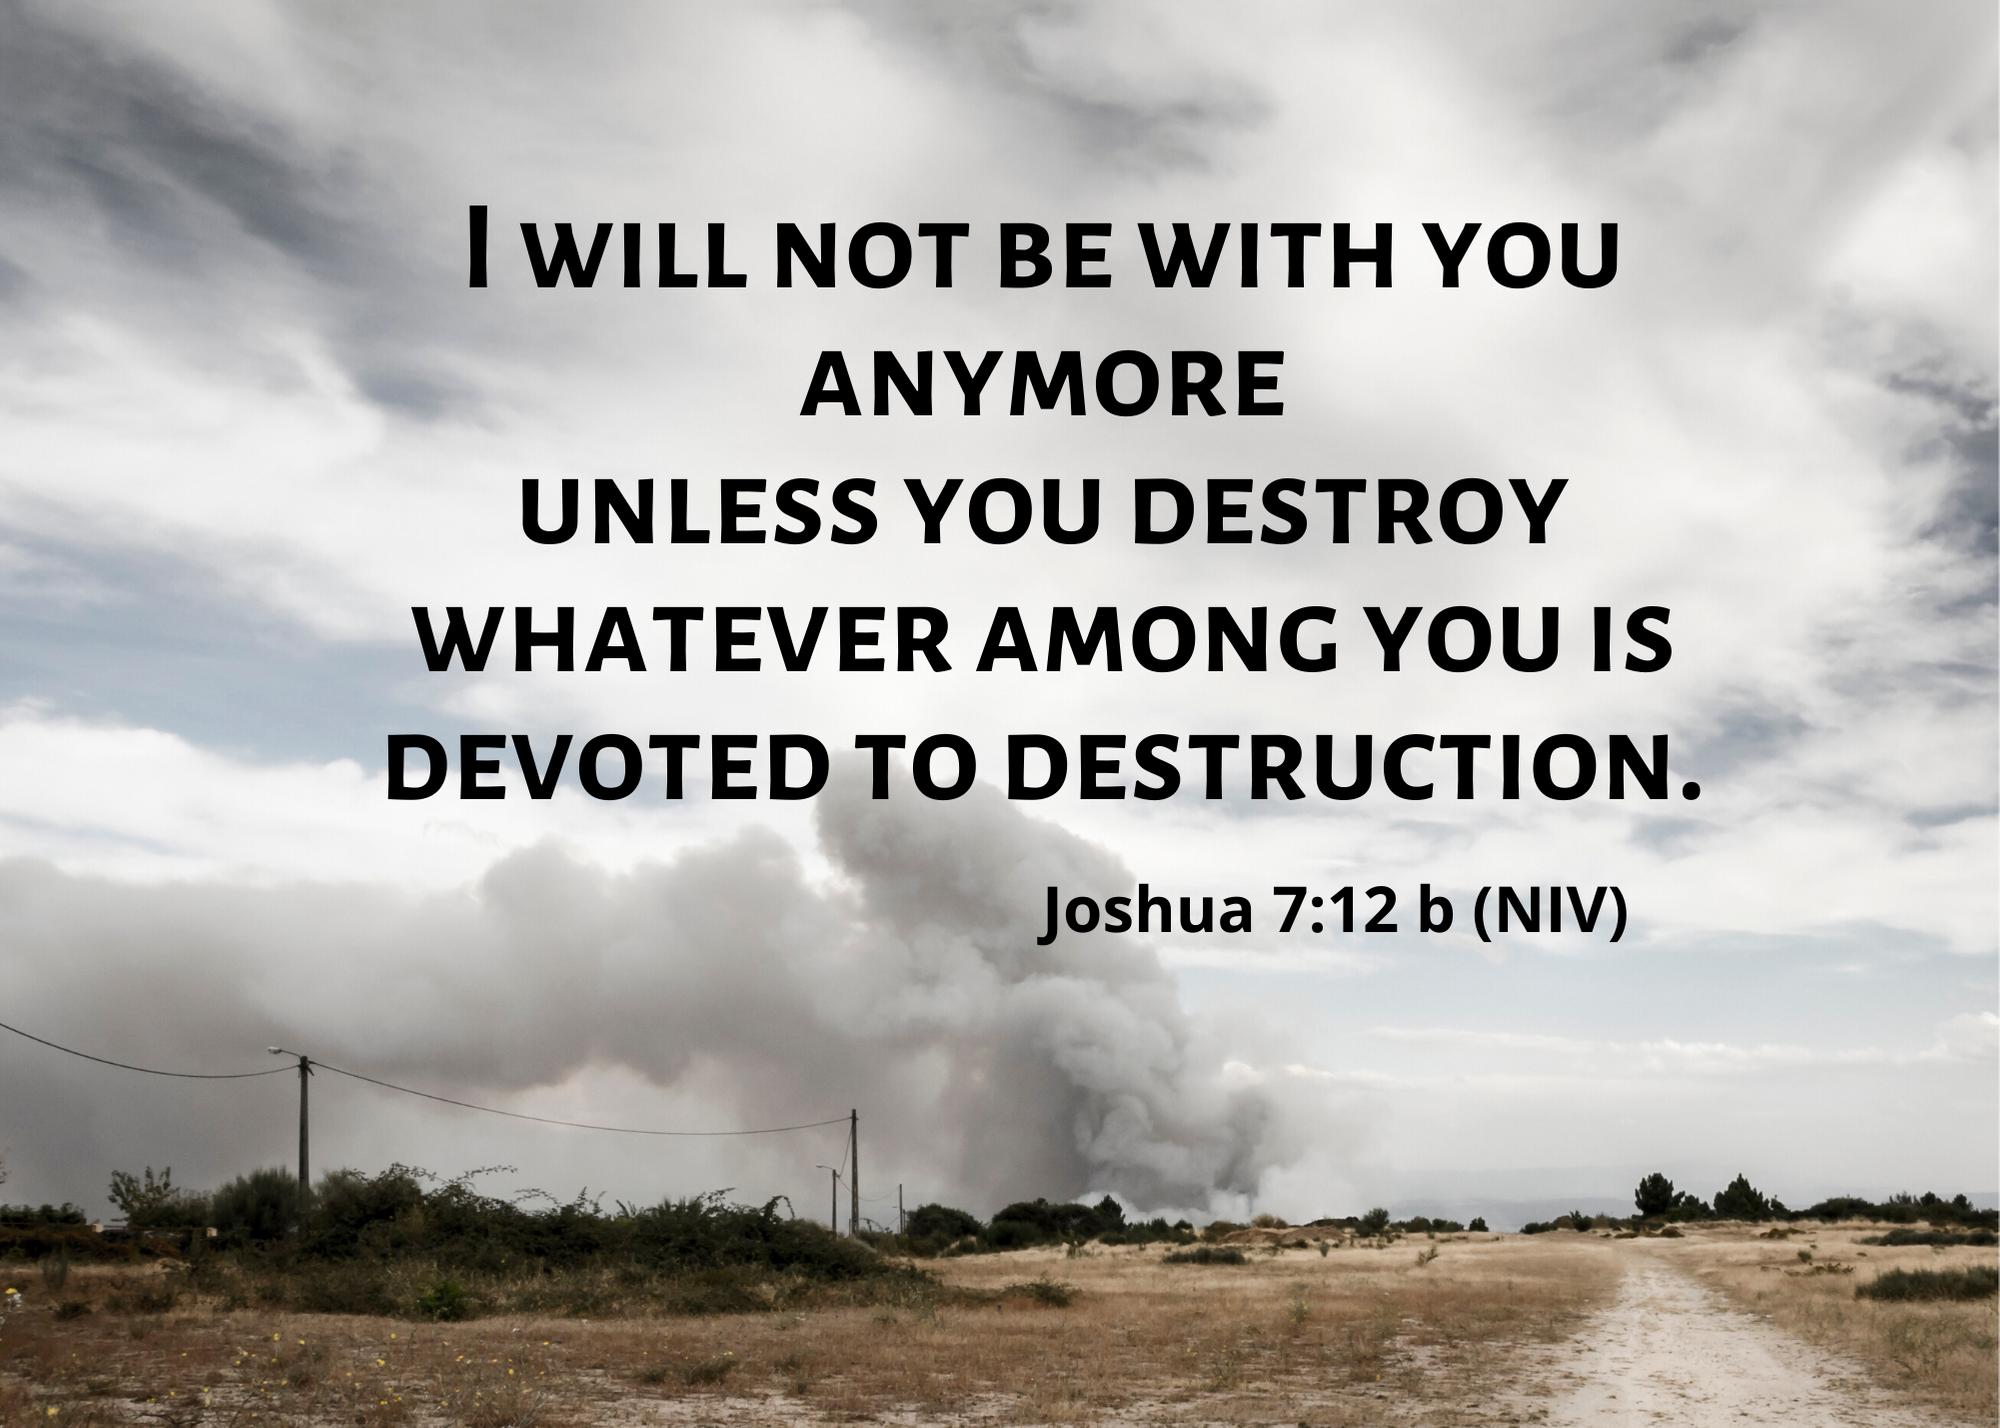 Joshua 7 12 b NIV